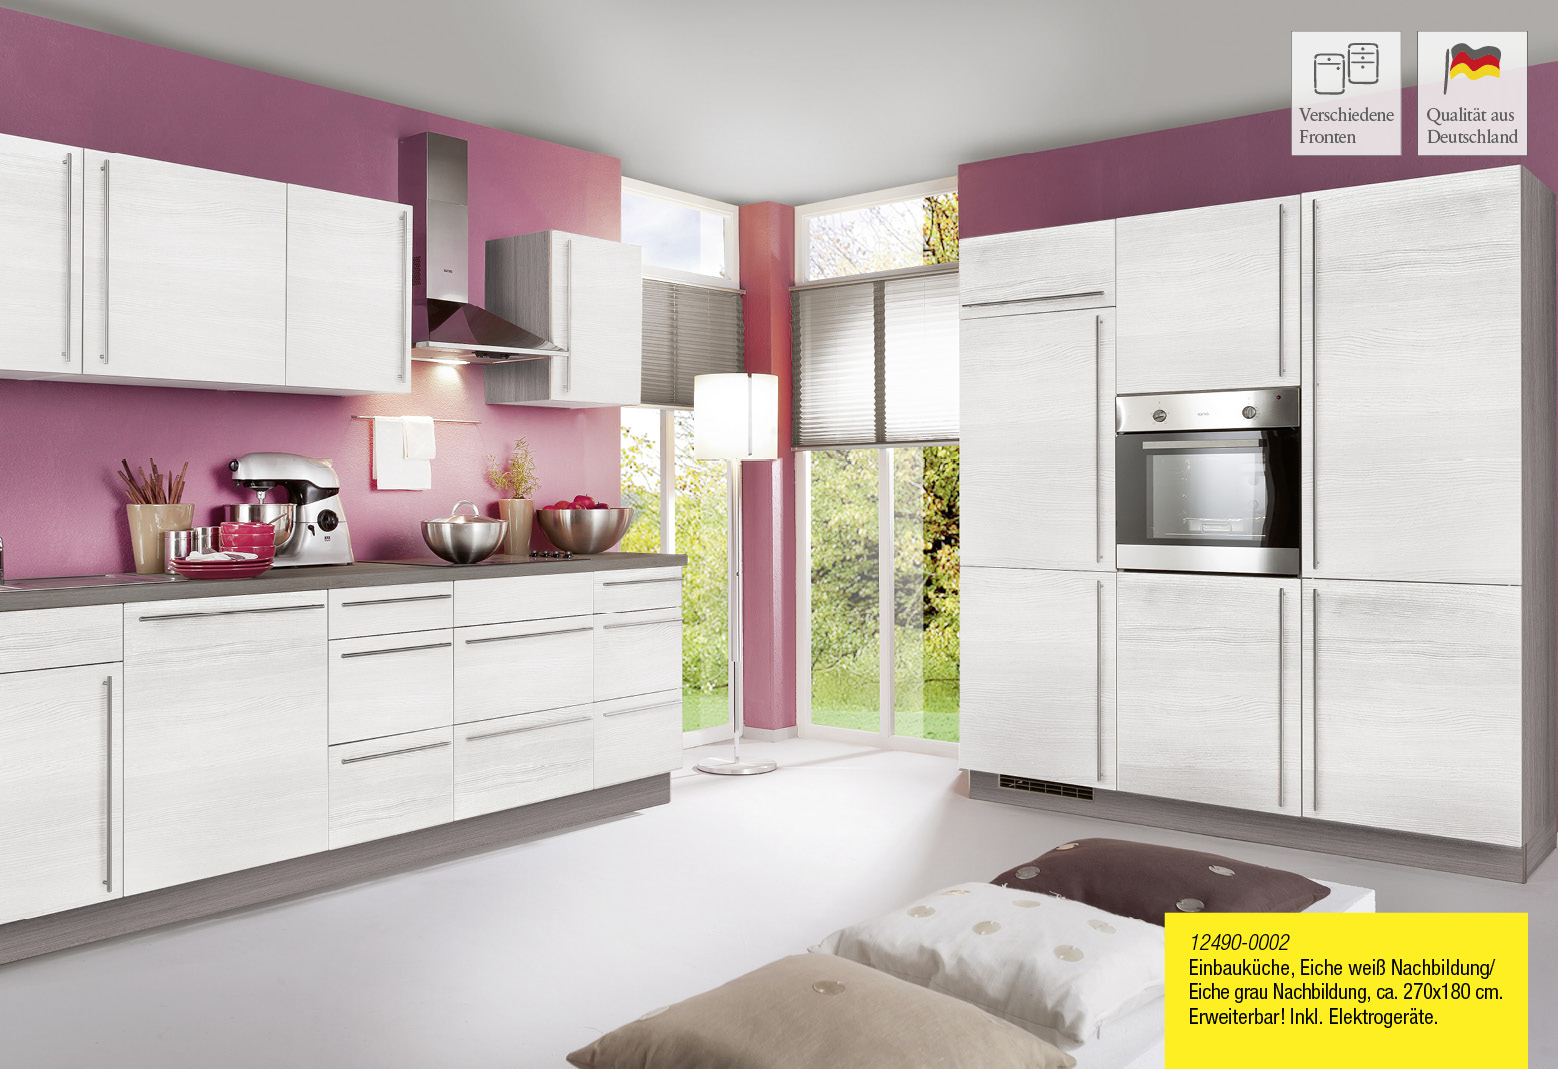 Full Size of Einbauküche Günstig Kaufen Einbauküche Günstig Gebraucht Gebrauchte Einbauküche Günstig Kaufen Einbauküche Günstig Mit Elektrogeräten Küche Einbauküche Günstig